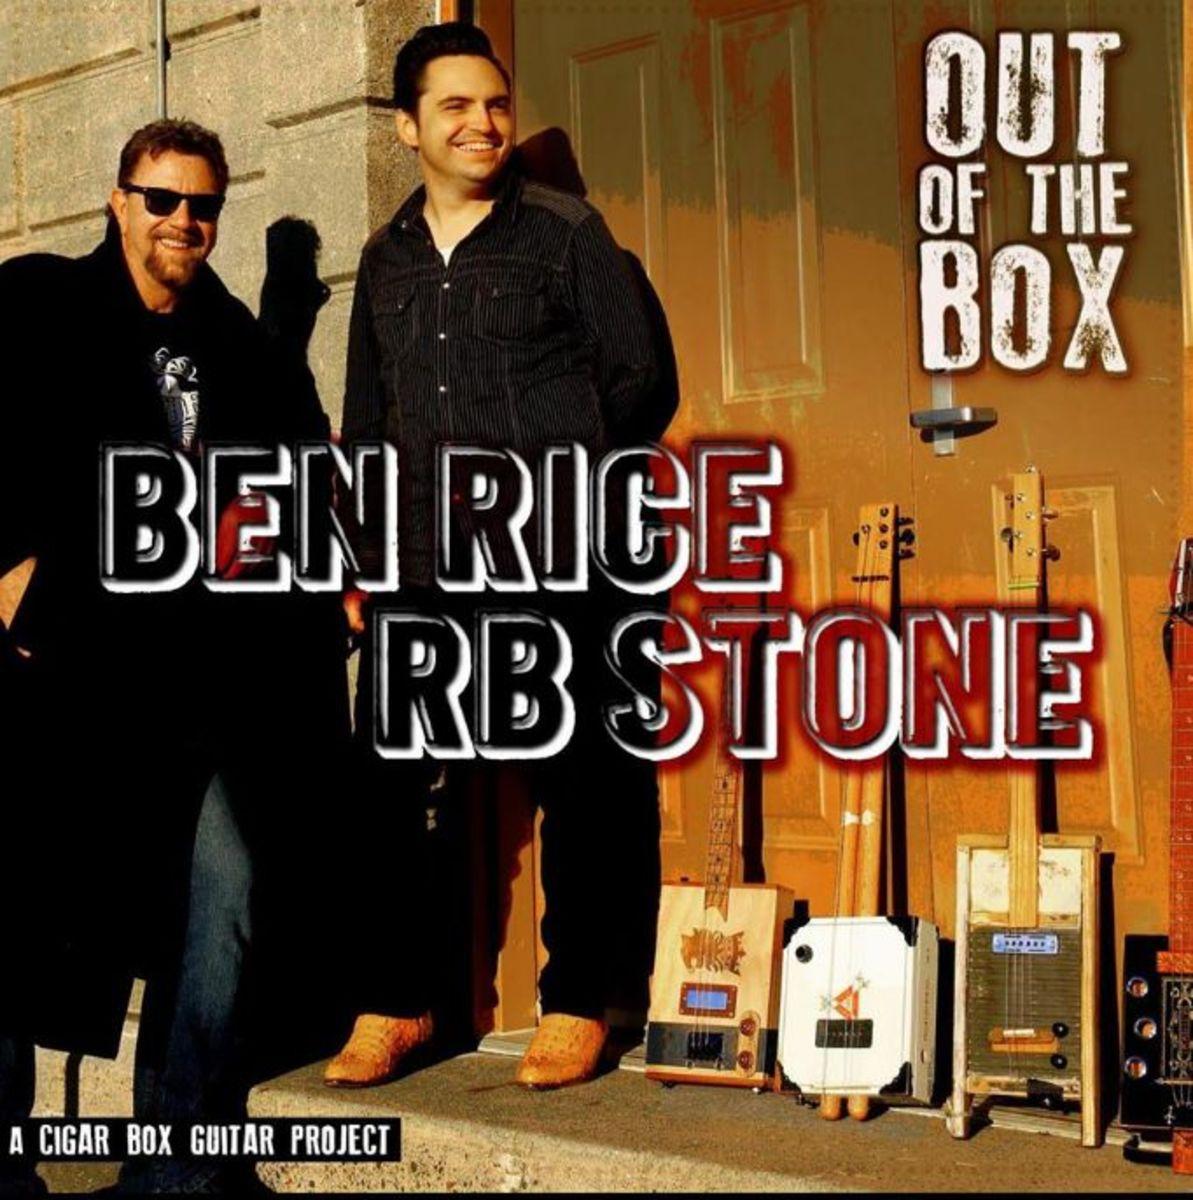 Ben Rice RB Stone